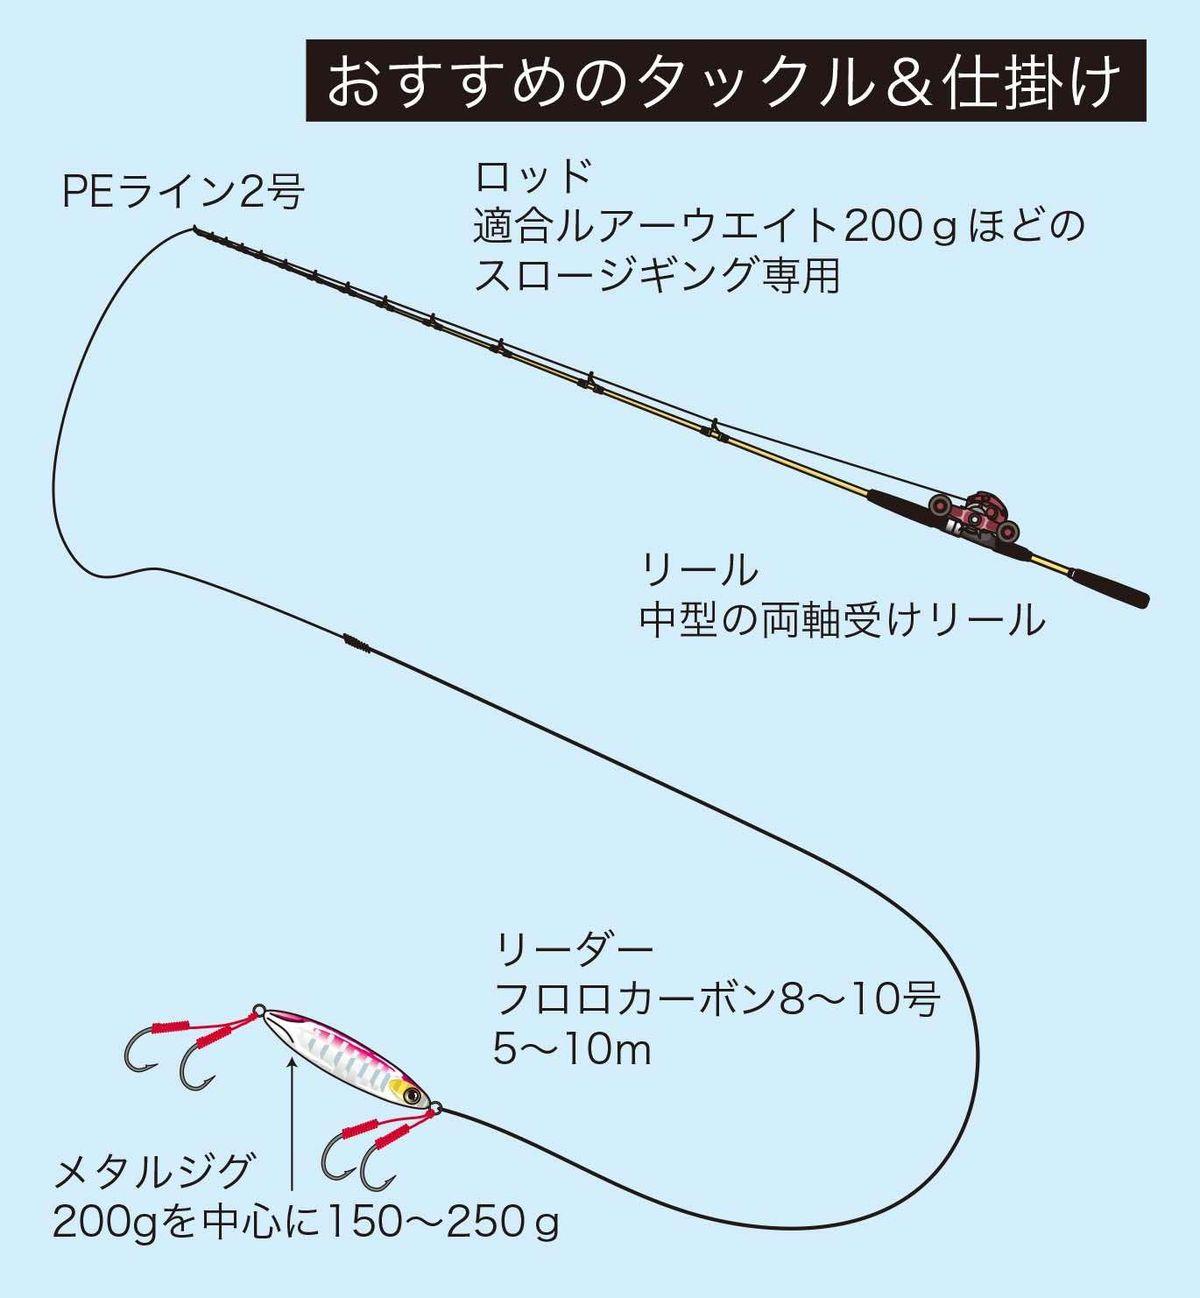 092-103_zenkokutsuriba04-2_cs6 (2)